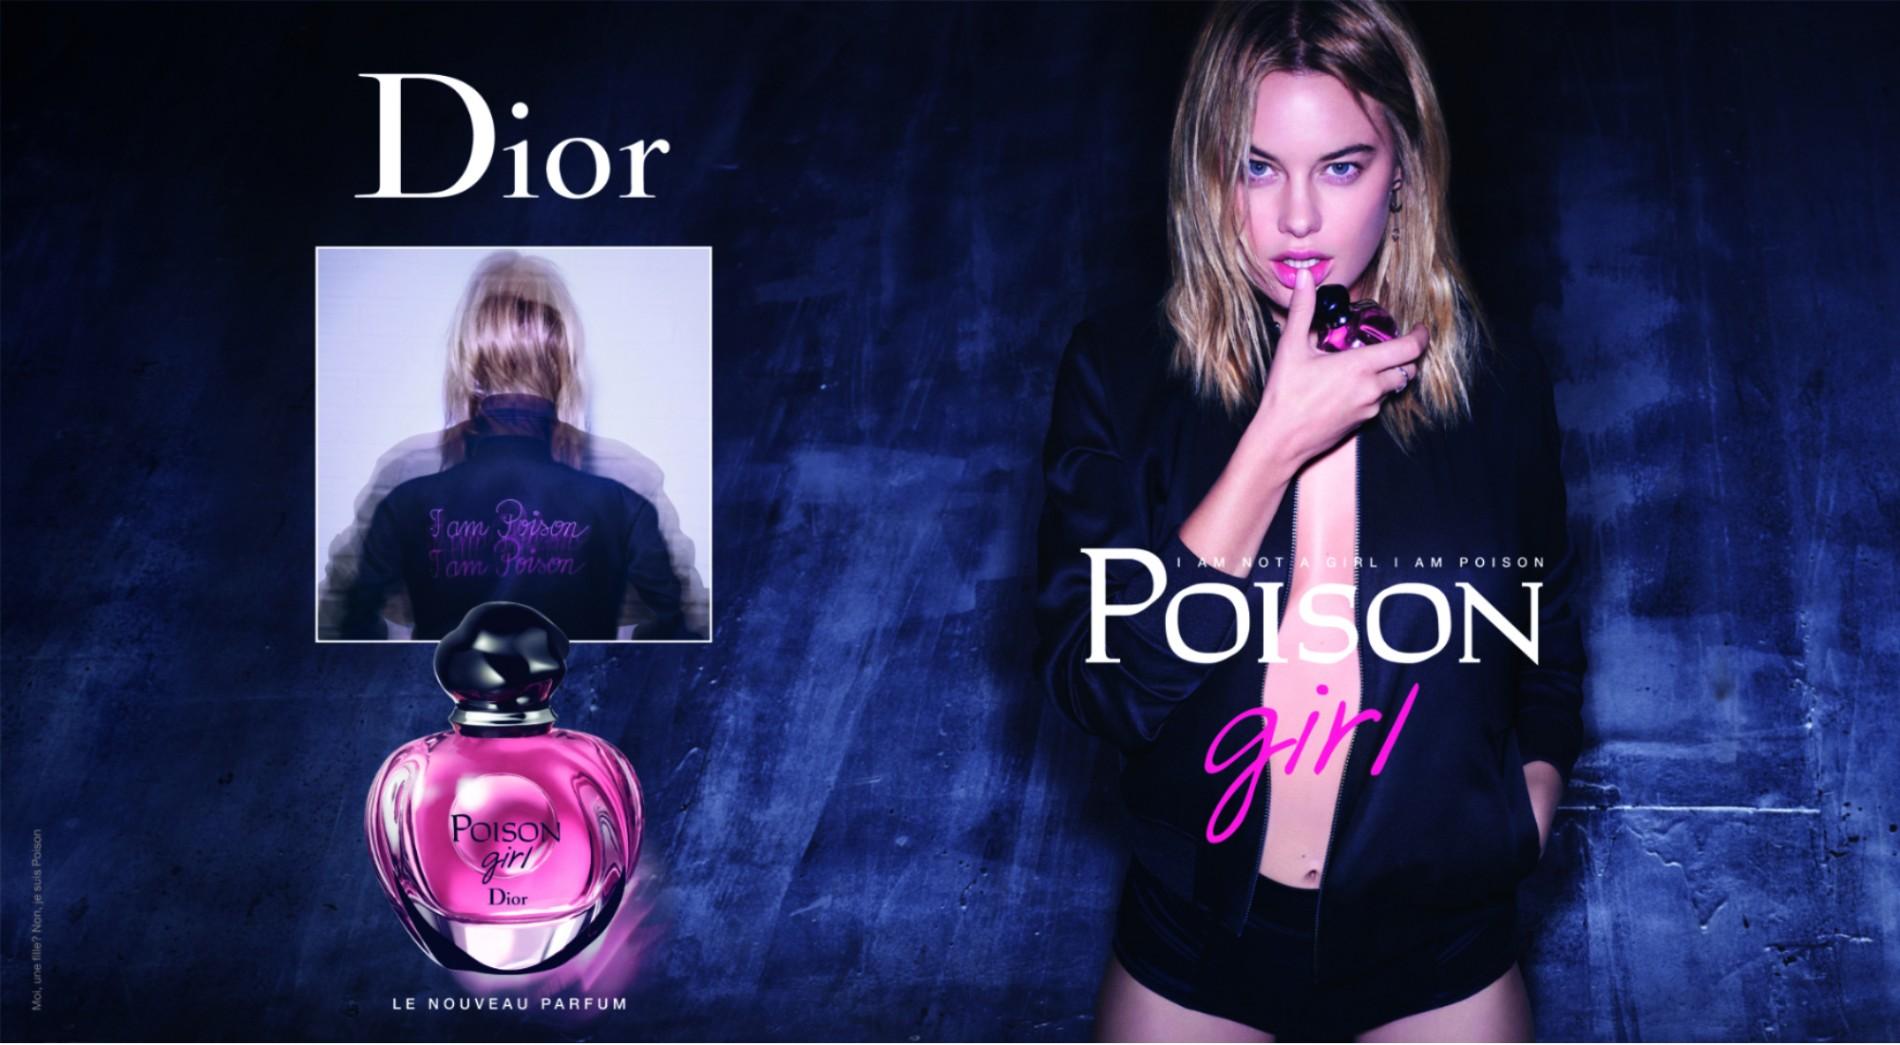 Dior的毒药女孩美容化妆品品牌命名